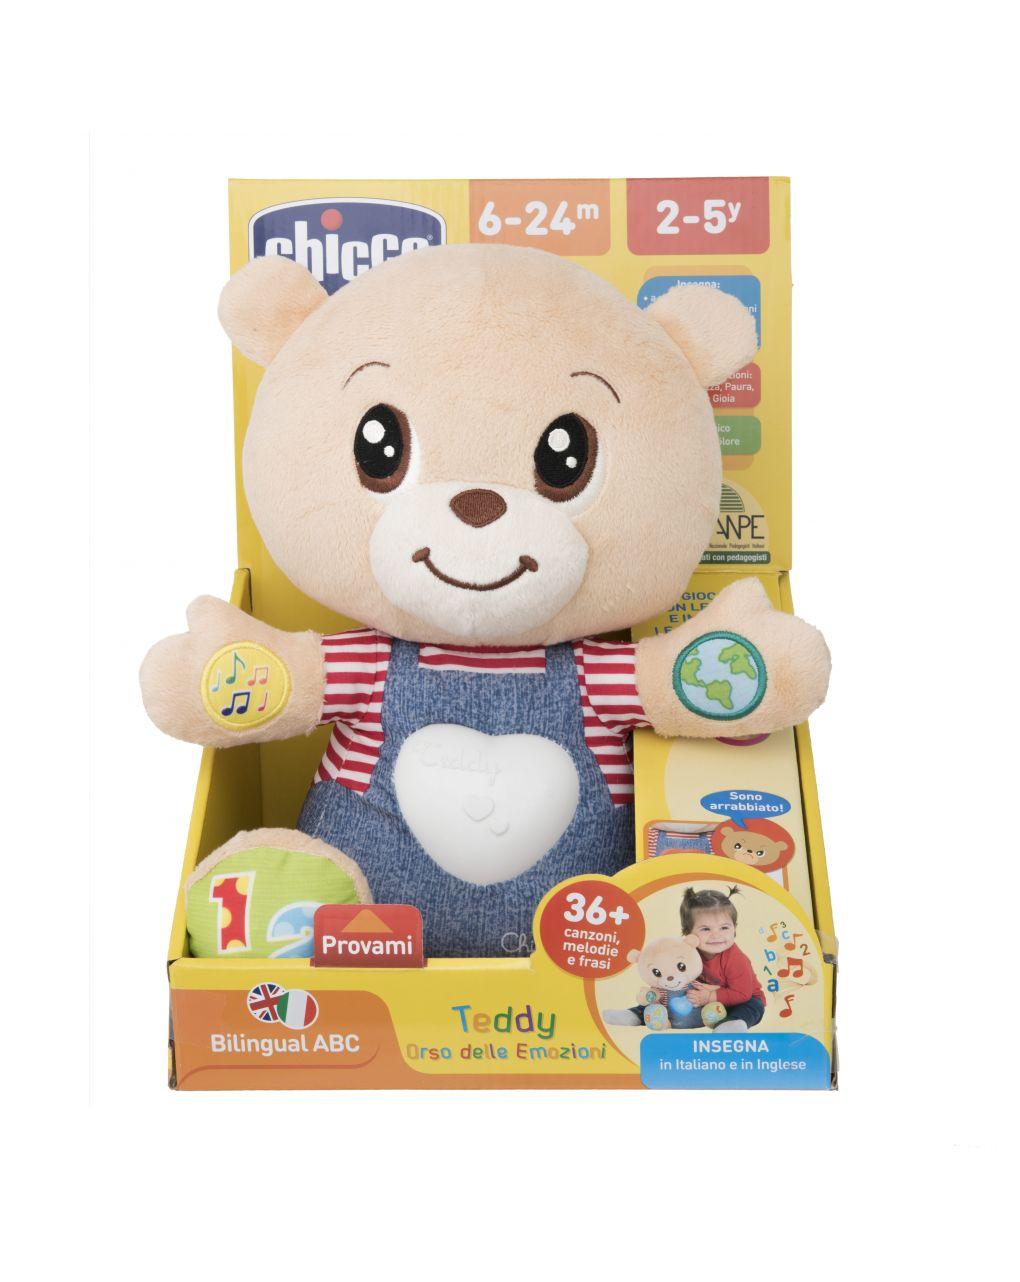 Chicco - pupazzo teddy orso delle emozioni - Chicco